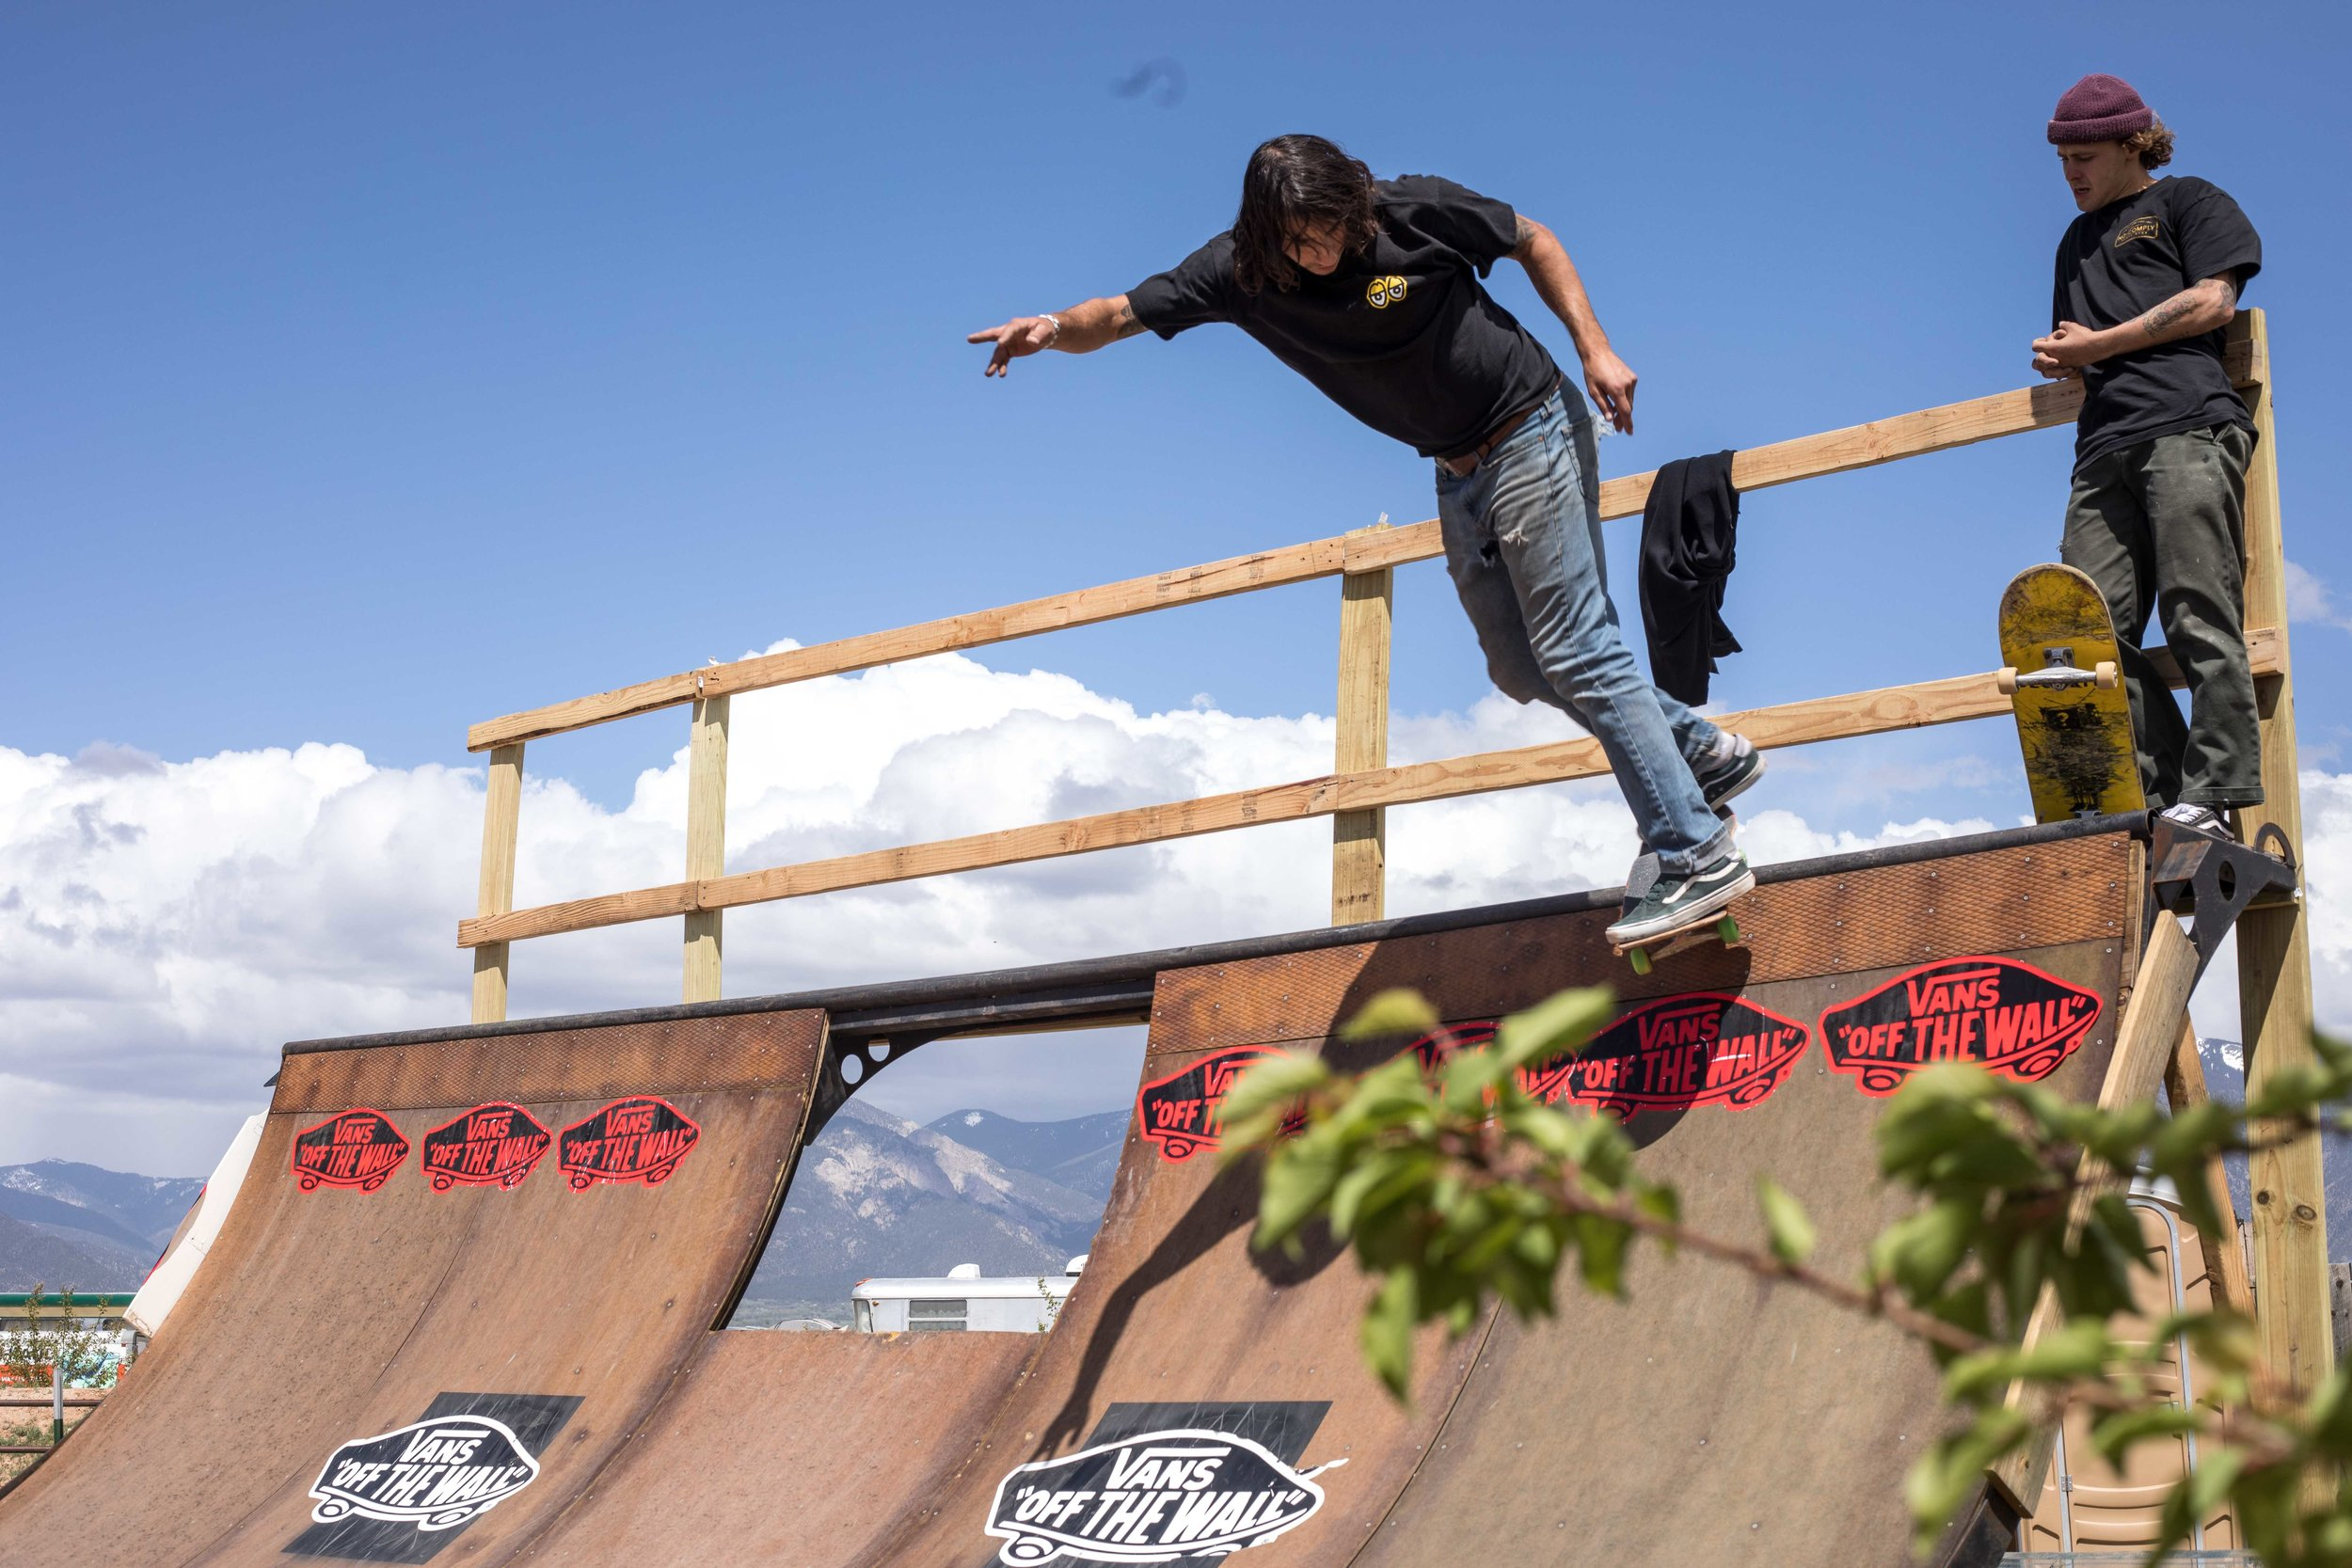 Skate_Digi_Monolith2019_1-2.jpg